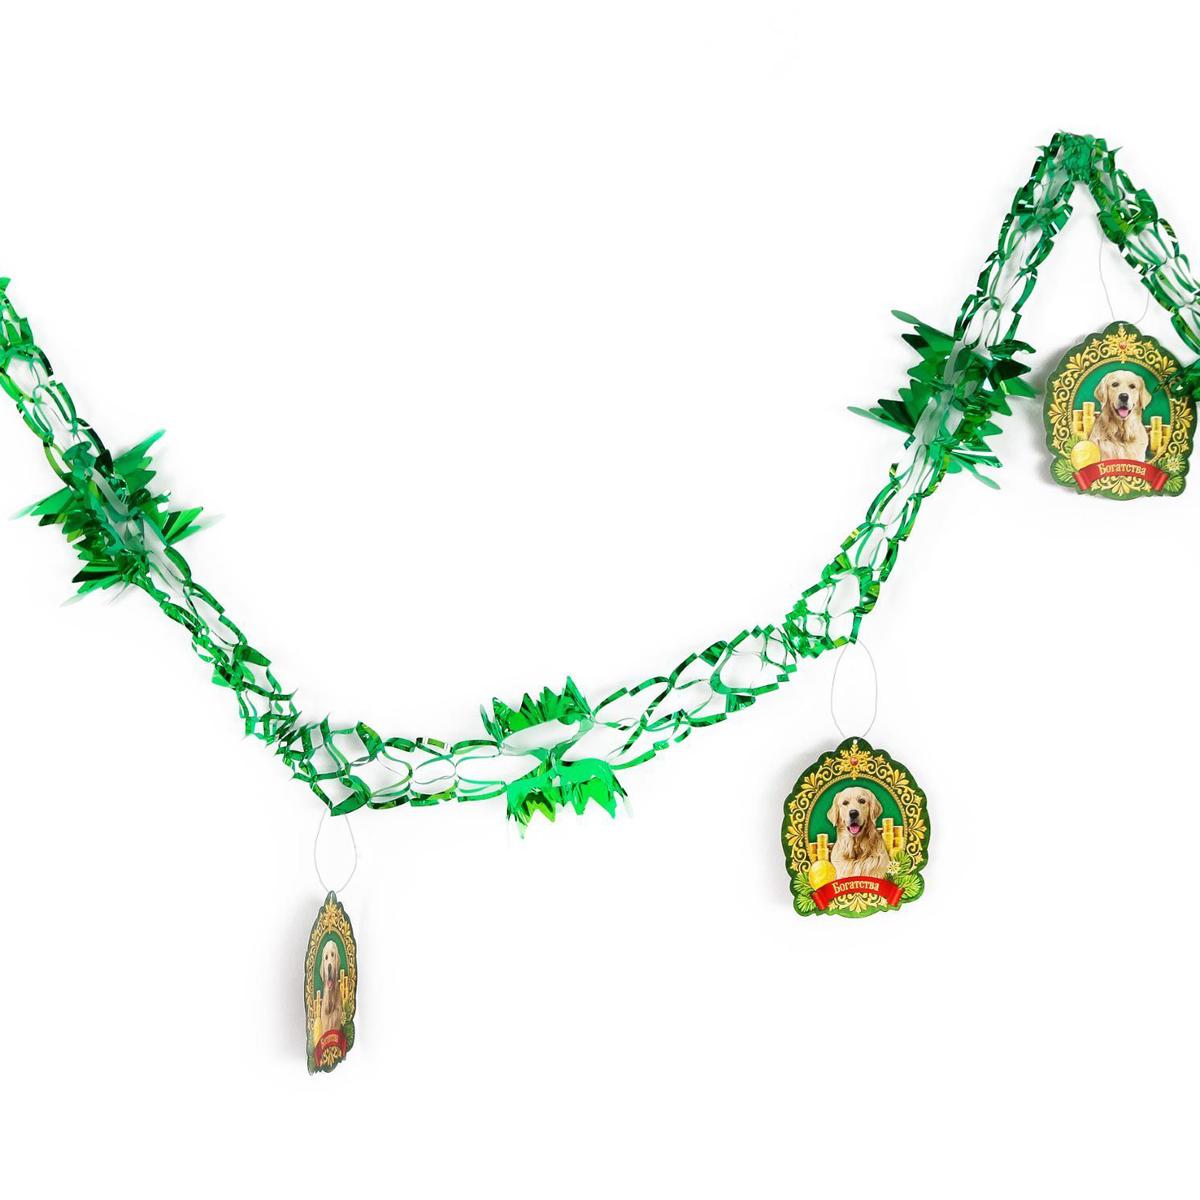 Гирлянда Богатства, с подвесками, длина 2,2 м жен ожерелья с подвесками мода этнический перо черный цвет радуги темно зеленый 70cm ожерелье назначение праздники для улицы